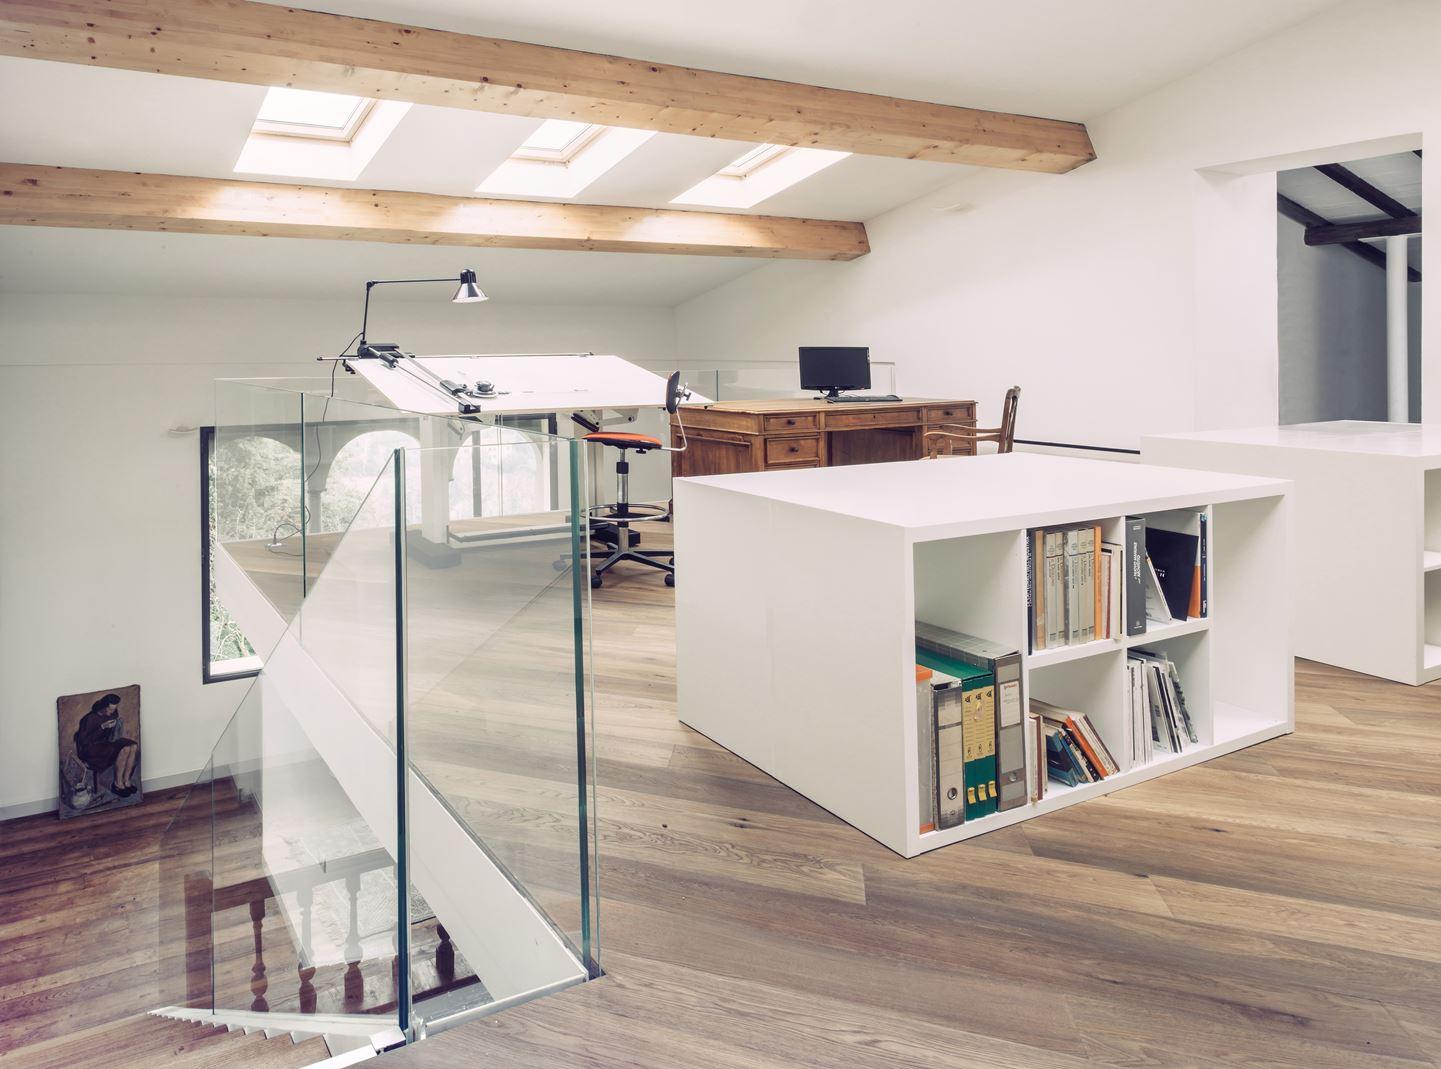 Come aggiungere luce alle stanze per le attivit in casa - Idee per lavoro da casa ...